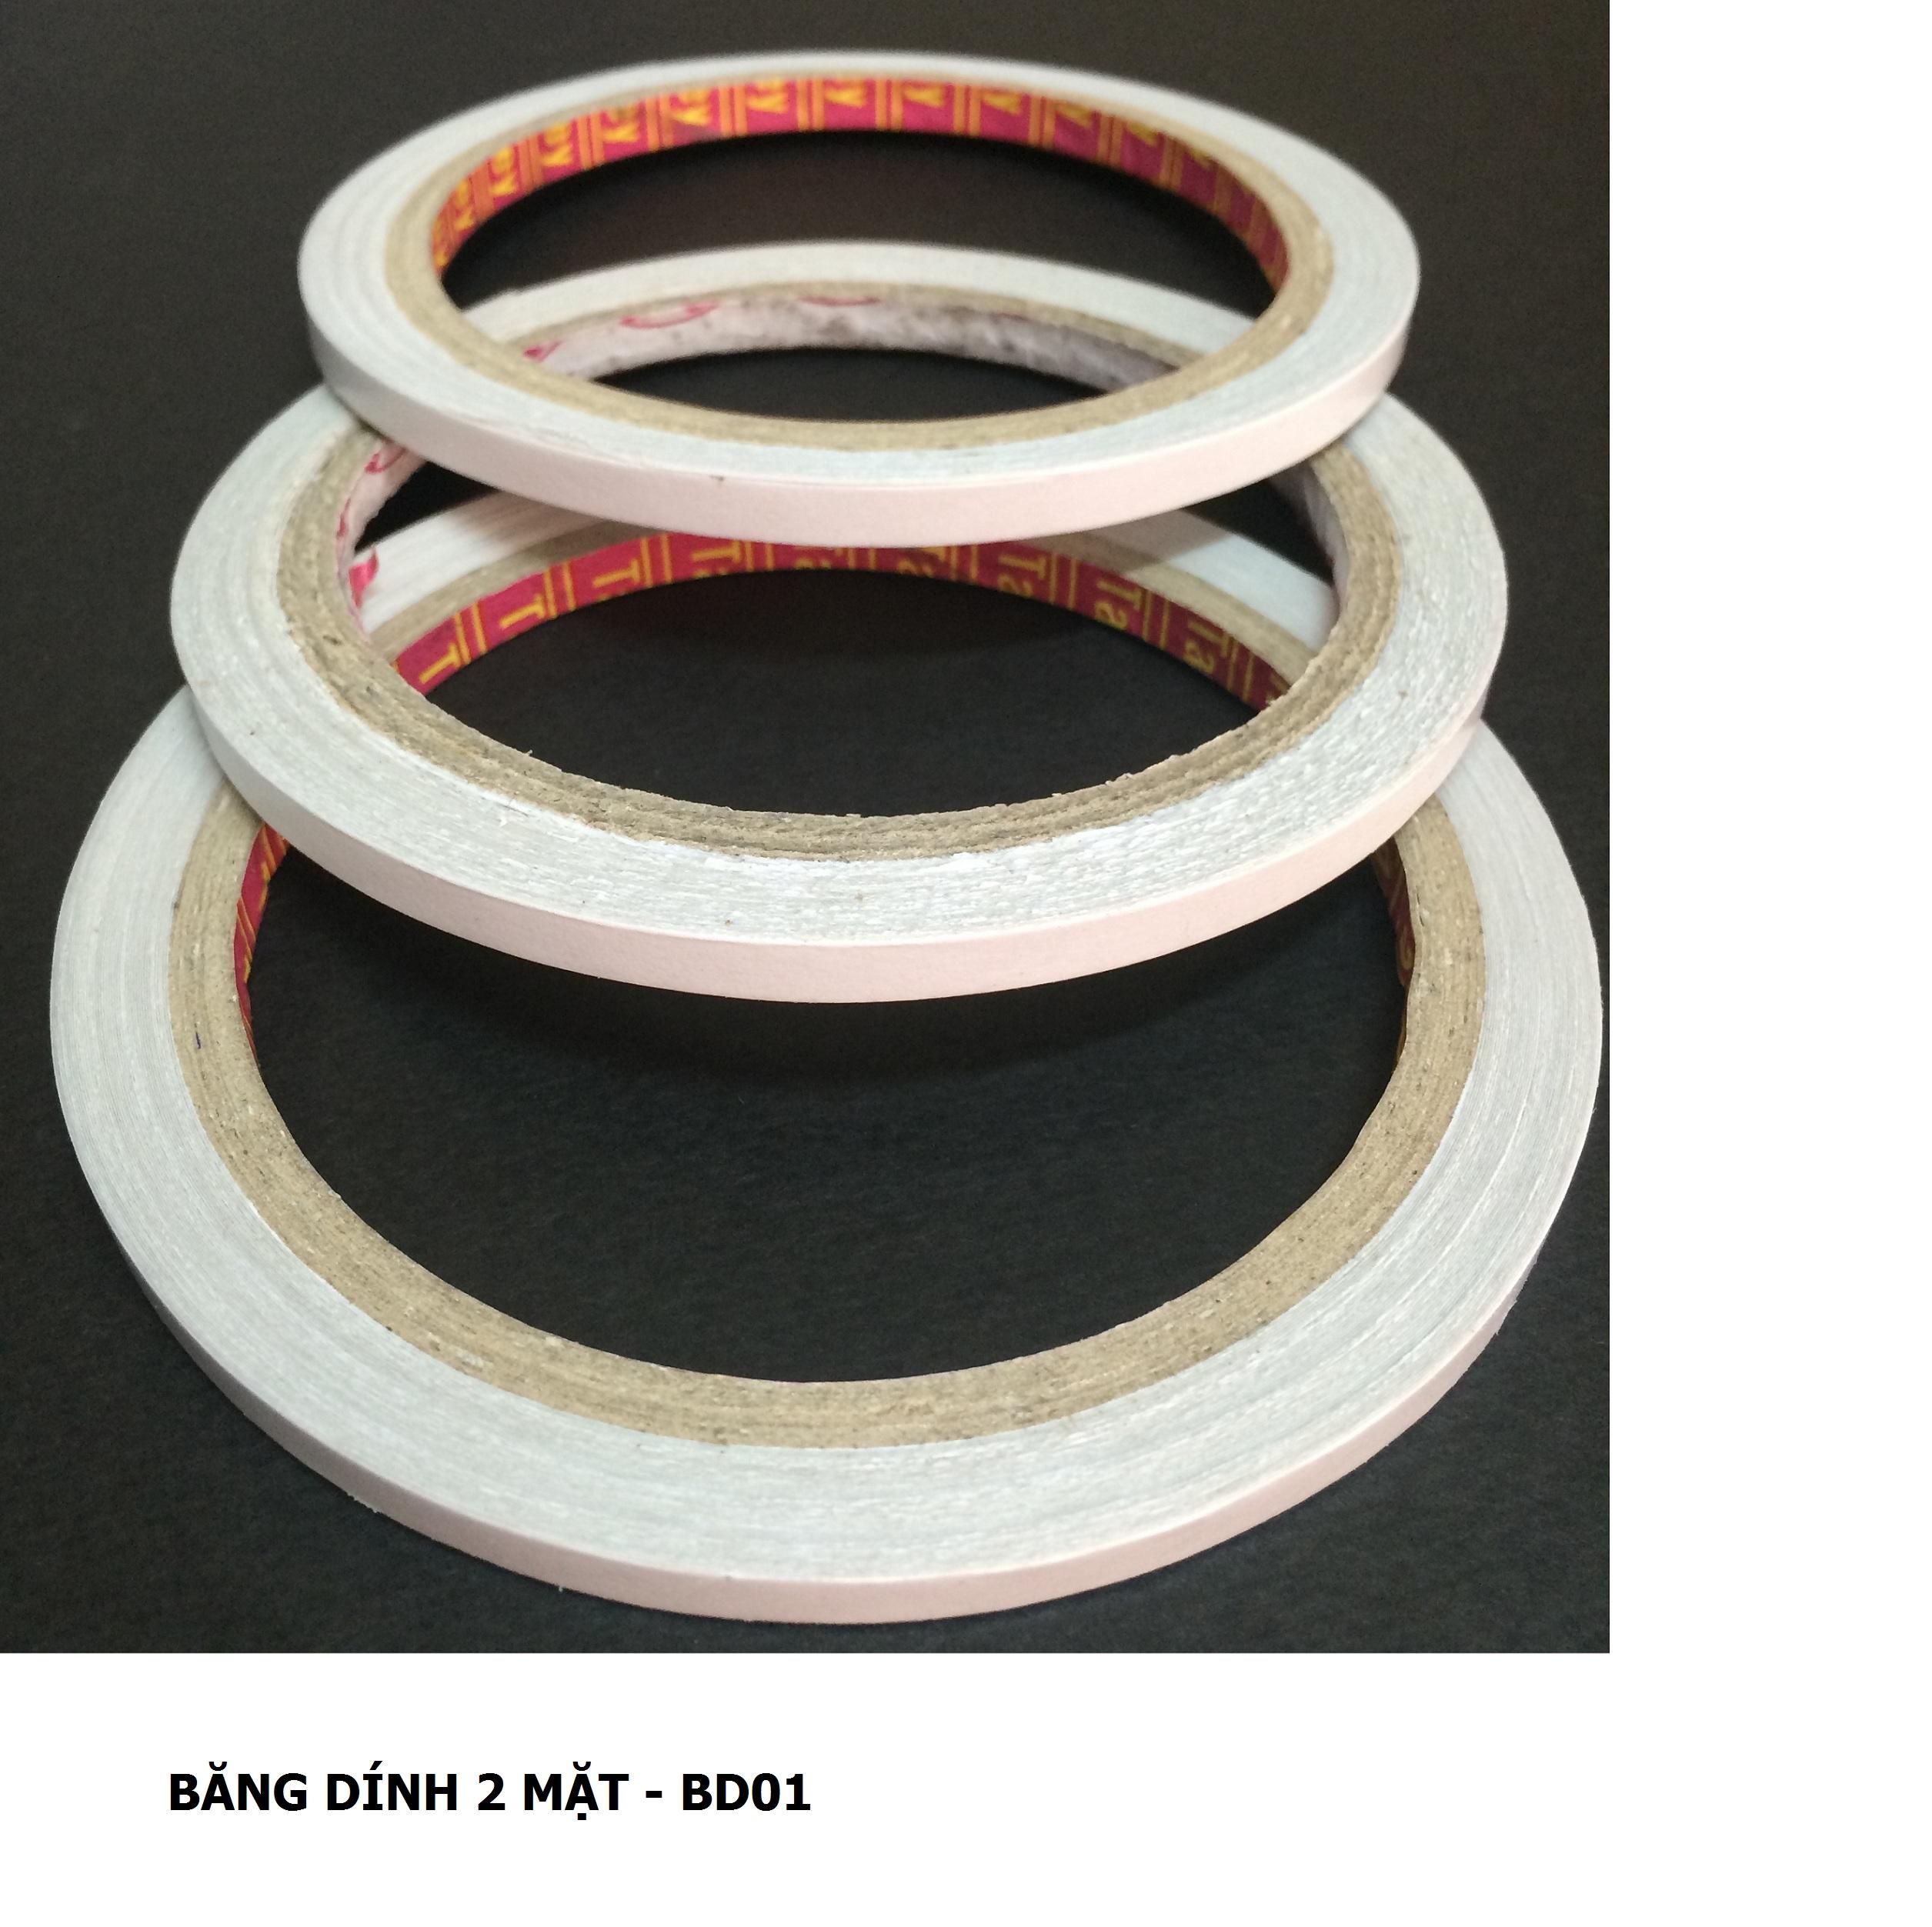 Băng dính 2 mặt (5mm)_BD01